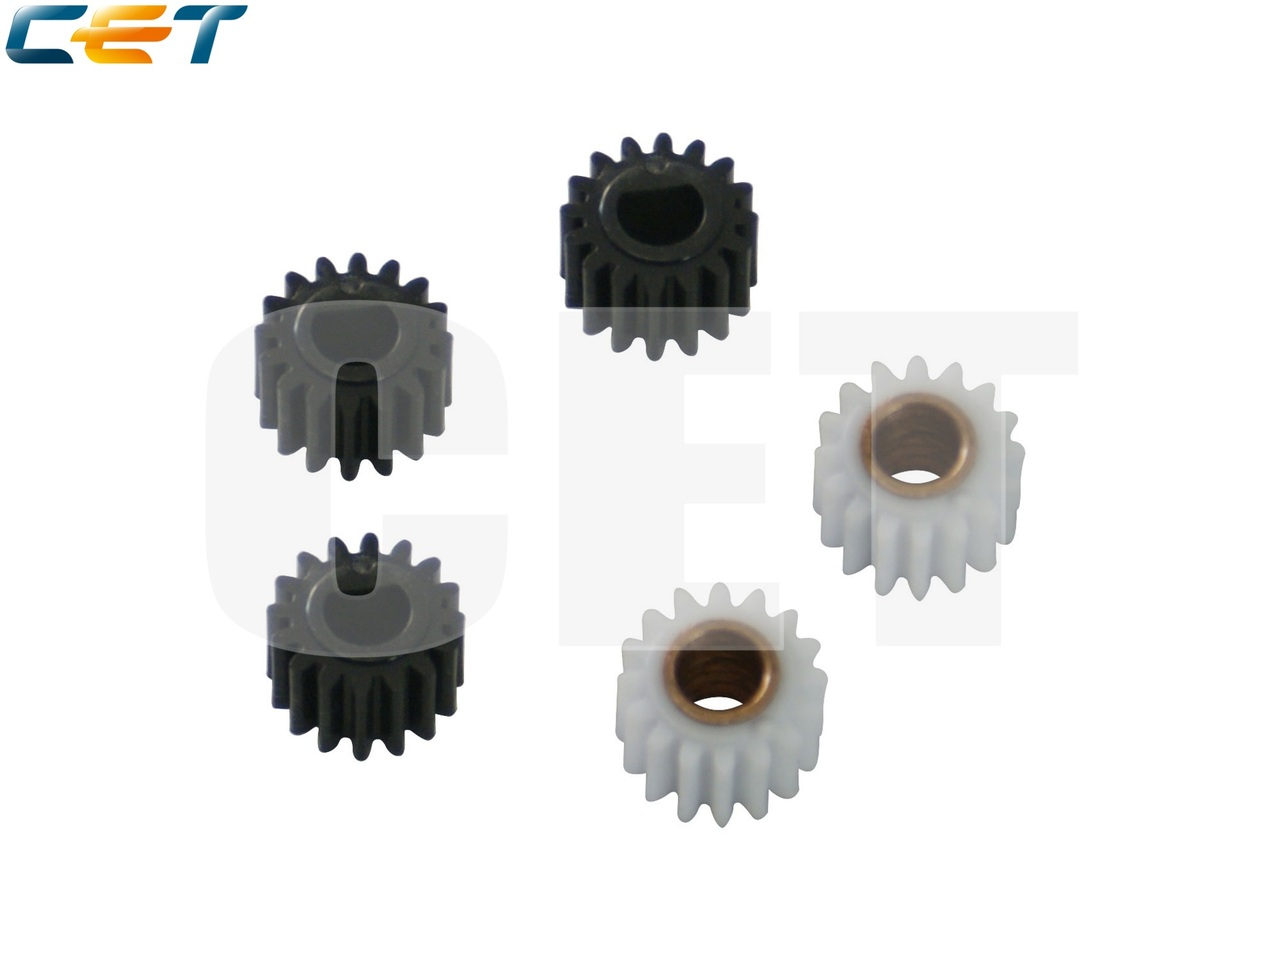 Комплект шестерен блока проявки B039-3062 (2 шт.),B039-3245 (2 шт.), B039-3060 (1 шт.) для RICOH Aficio1015/1018 (CET), CET6006